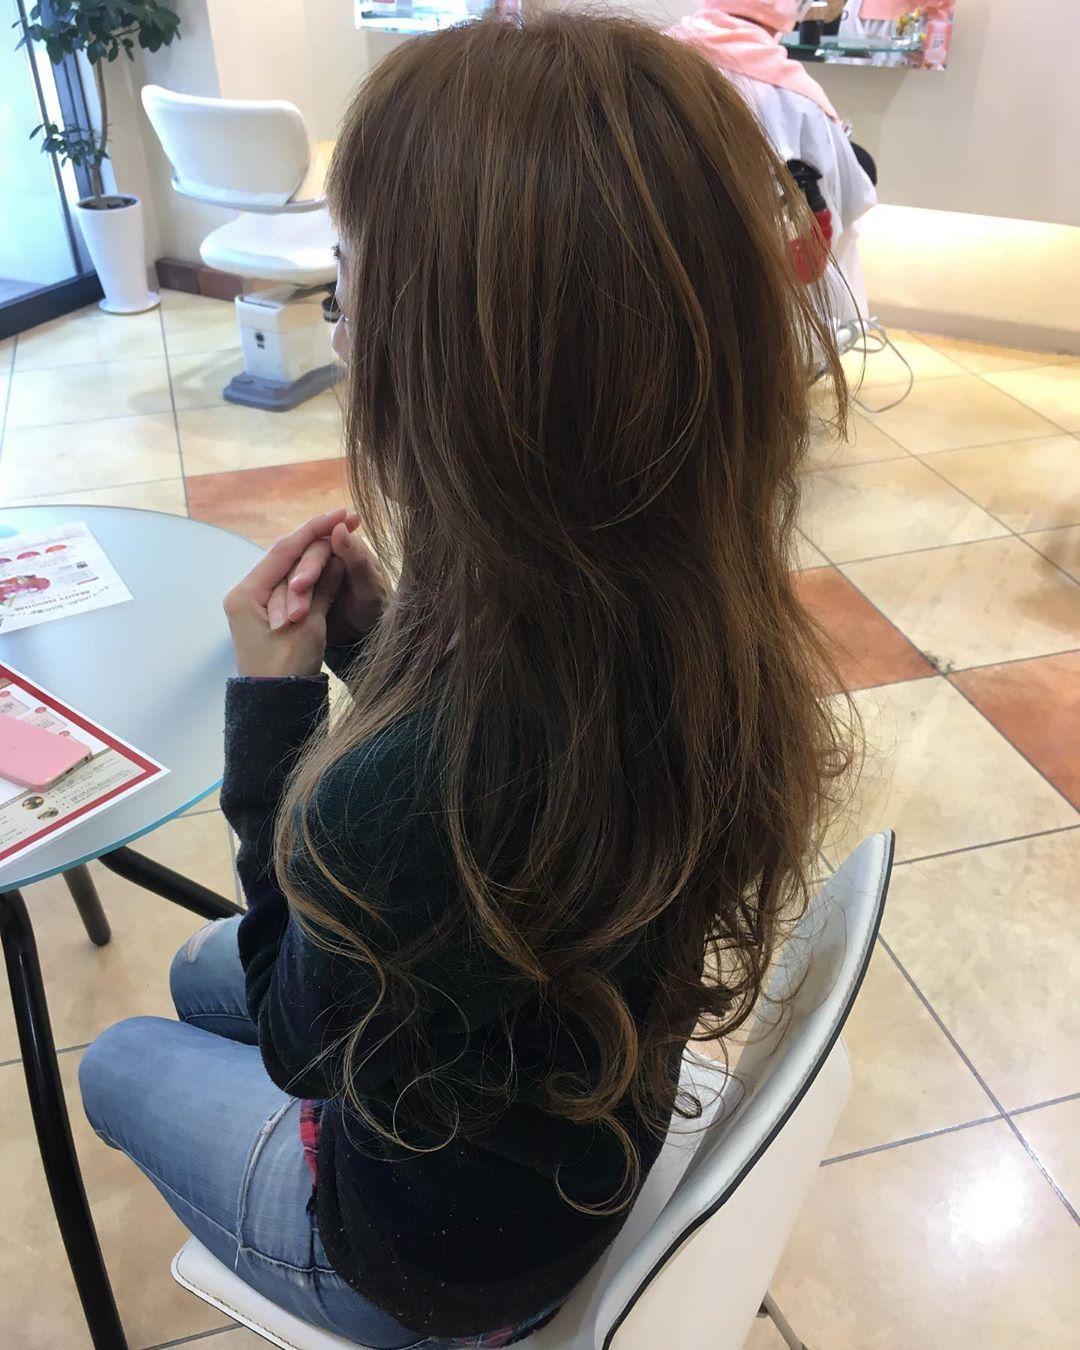 後藤 崇 On Instagram 最近ロングヘアーの人口が減って いる バブル期は沢山いたのに まさに日本の縮図のようだ そんなことはないか ロングヘアー 巻き髪 ハイレイヤー ハイレイヤーウルフ ウルフカット ウル レイヤーカット ロング レイヤー